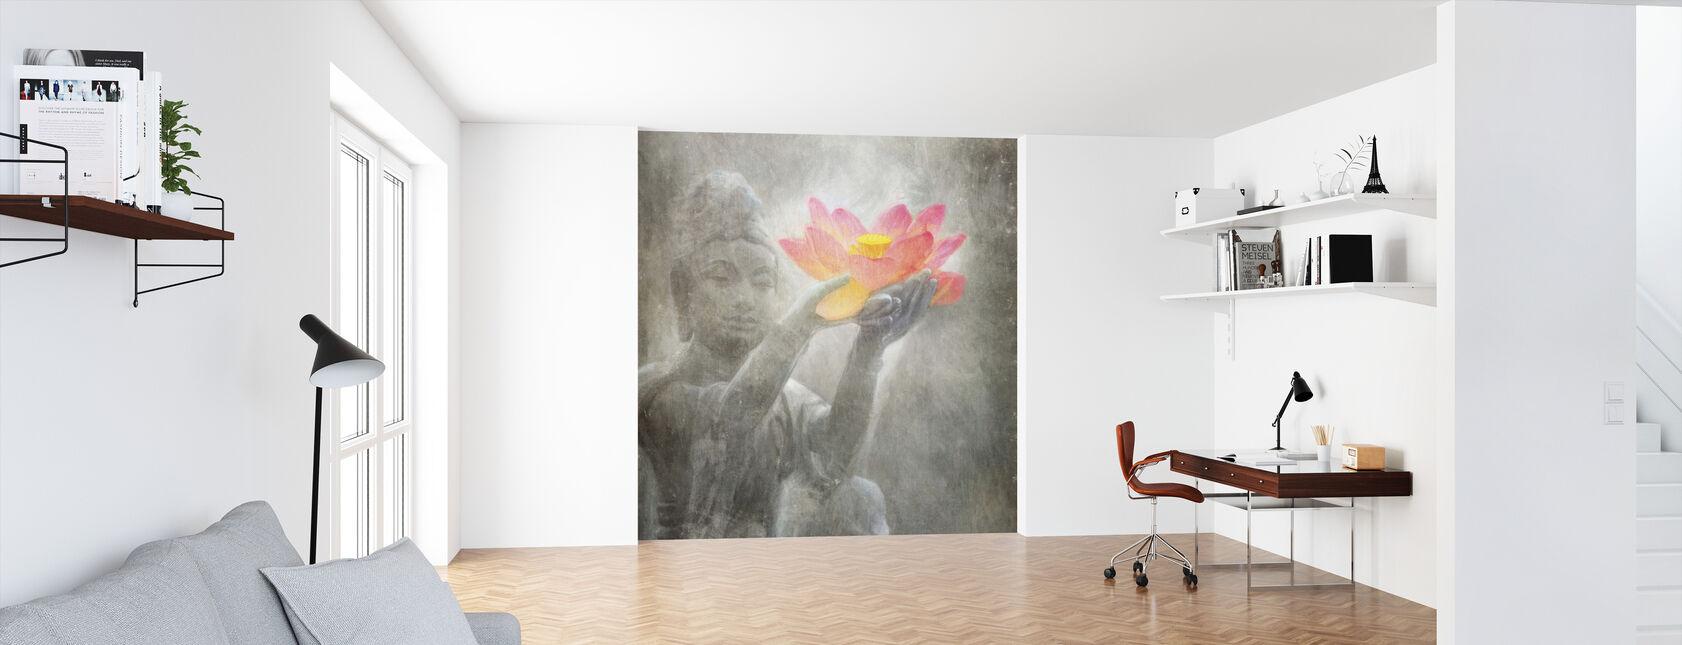 Neutrale Lotus Boeddha kwadraat - Behang - Kantoor